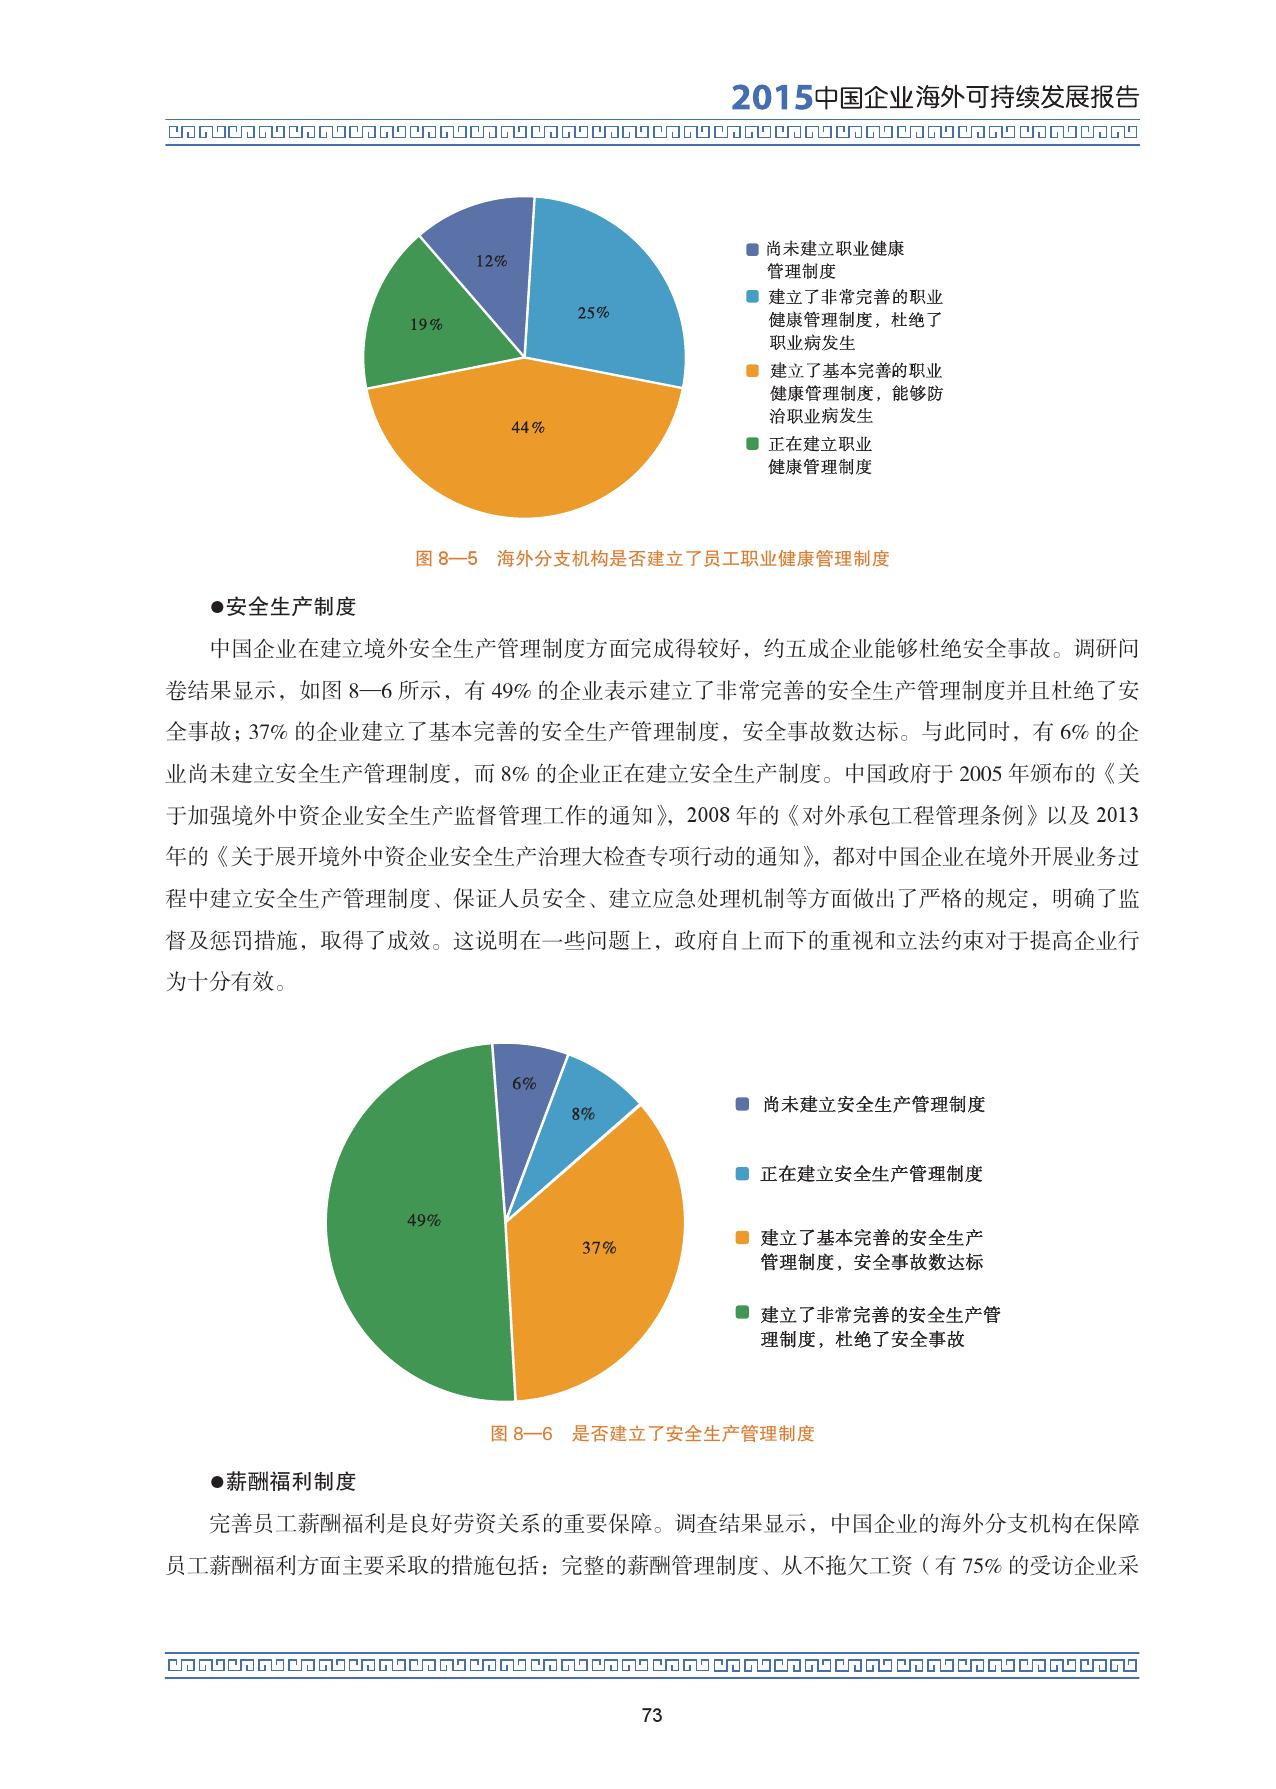 2015中国企业海外可持续发展报告_000087